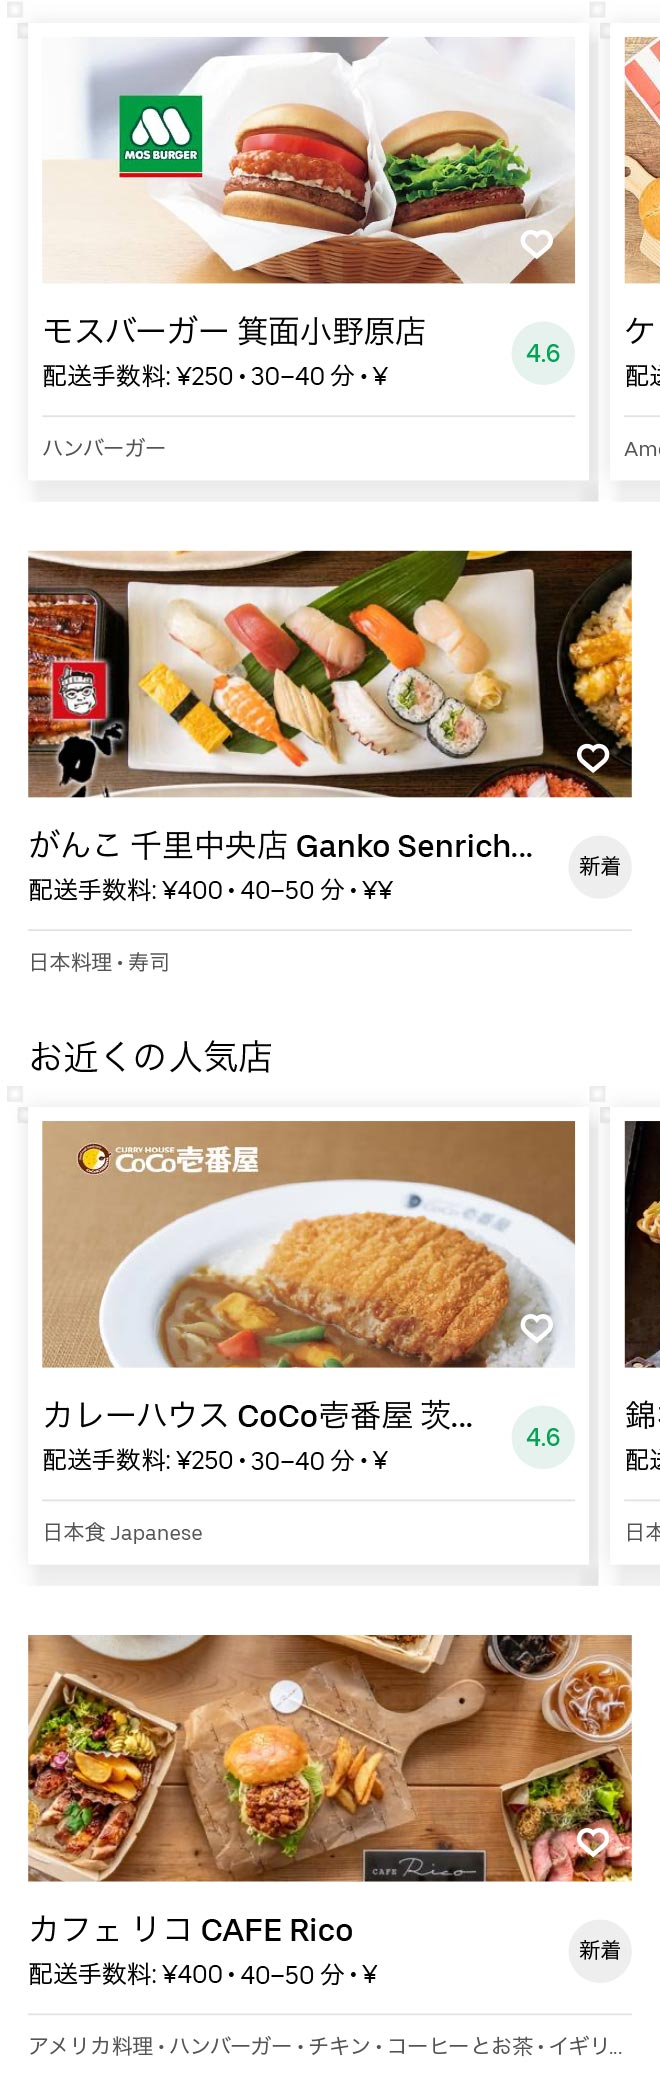 Handai byoin menu 2008 01